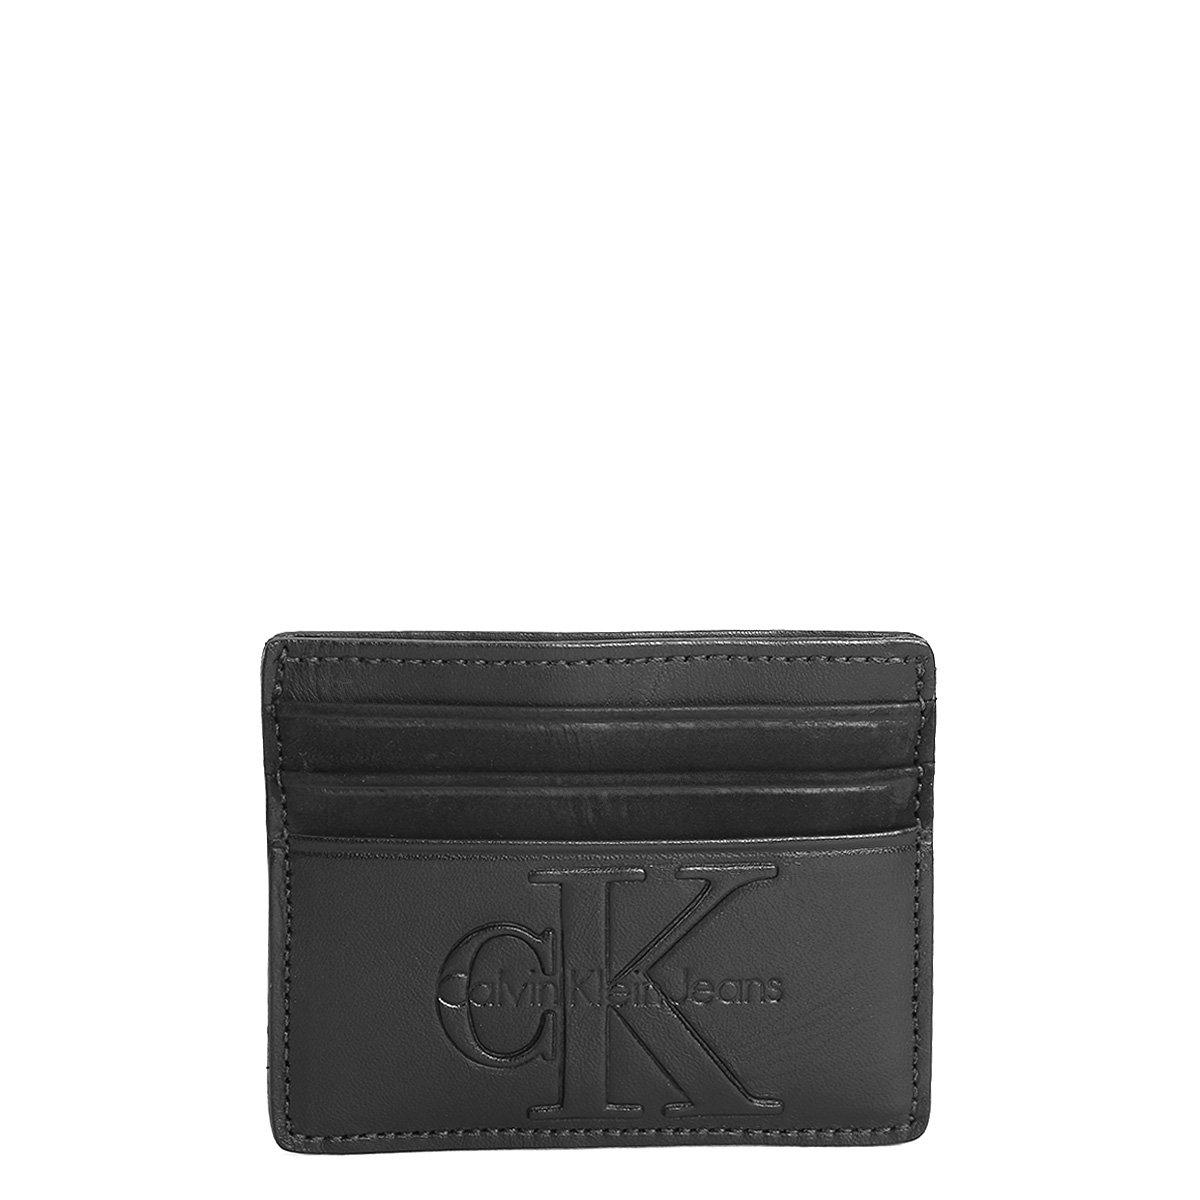 15e00557be3a2 Carteira Couro Calvin Klein Porta Cartão Masculina | Livelo -Sua ...